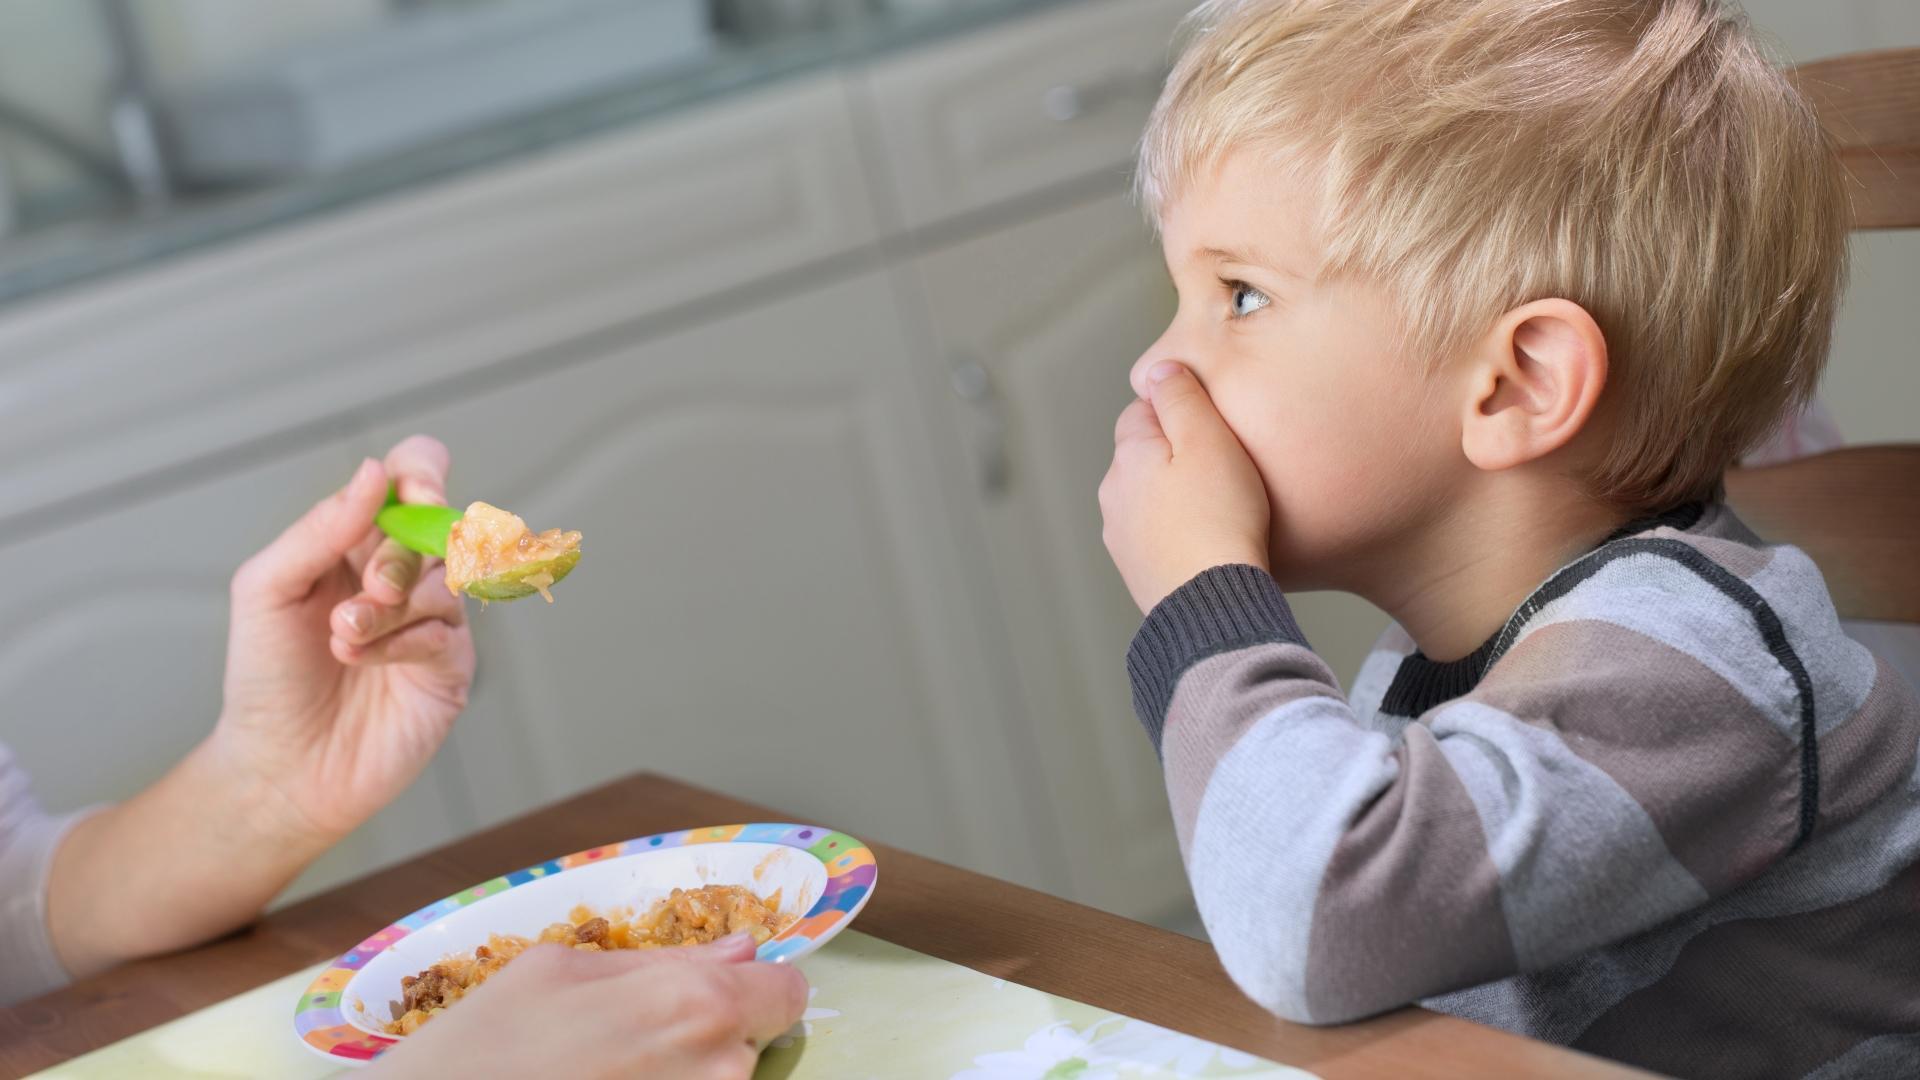 Пищевые привычки подростков формируются еще в раннем детстве